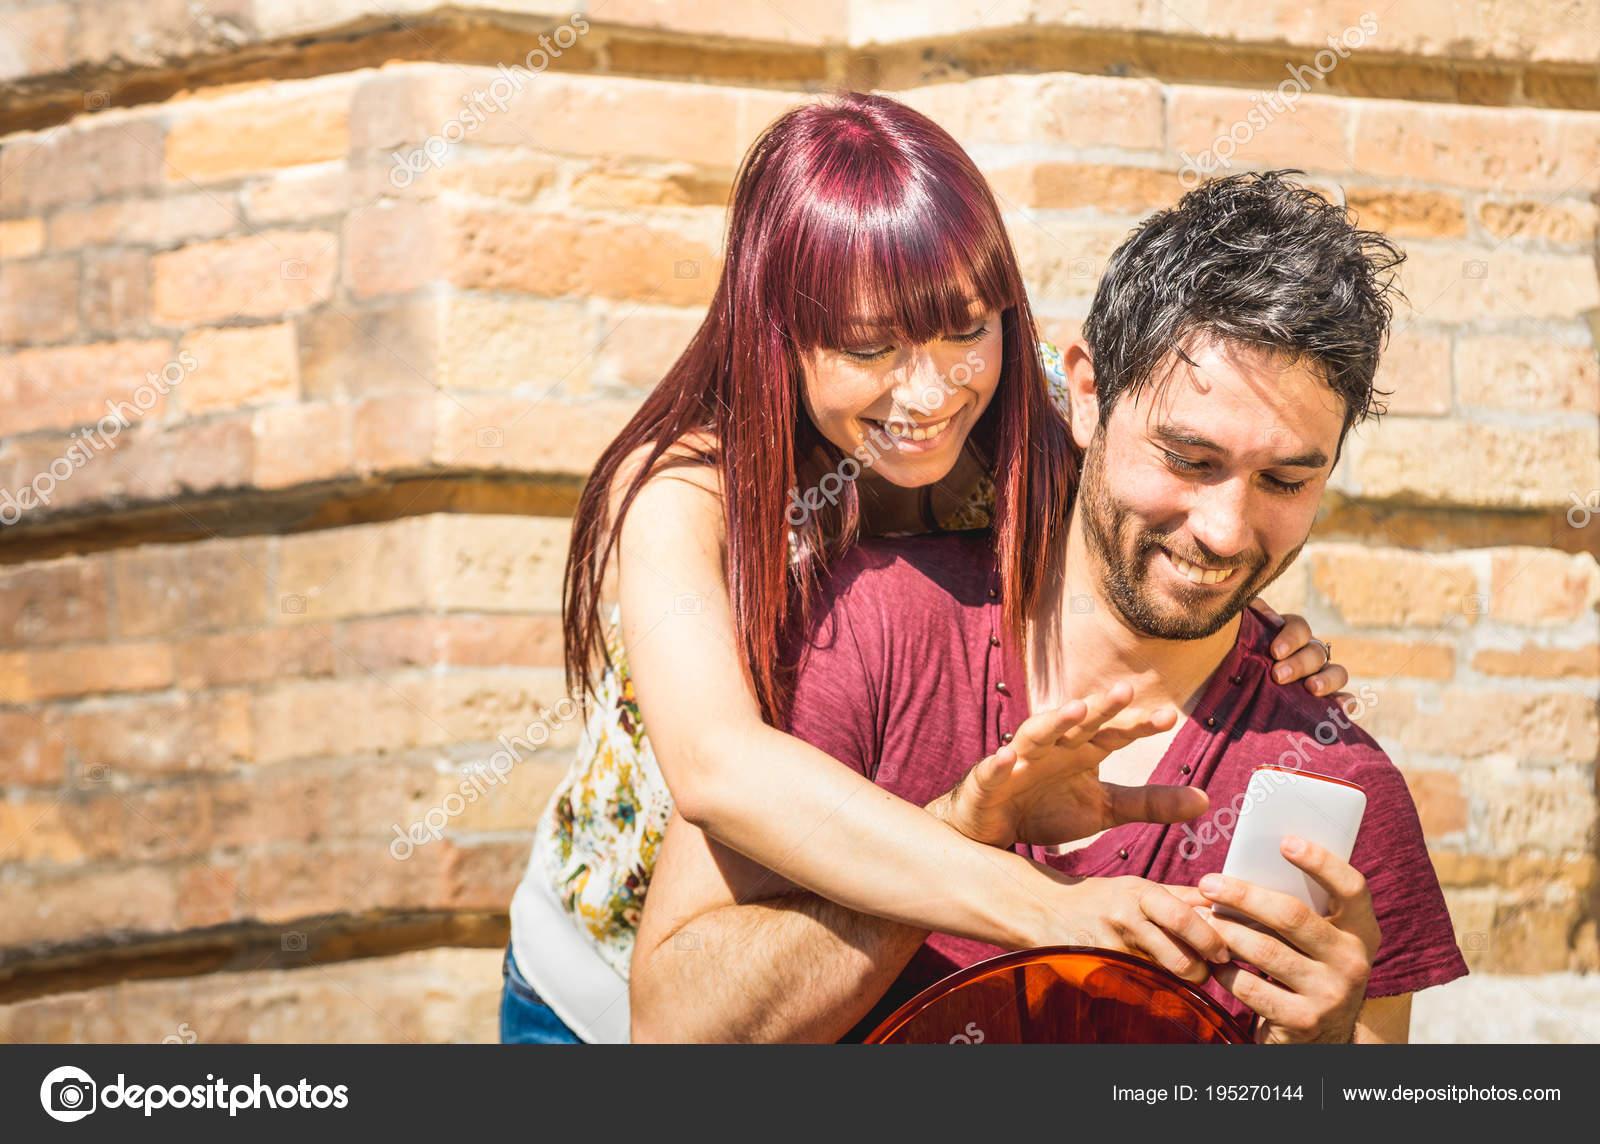 διαφυλετικός σχέσεις σε απευθείας σύνδεση dating Dating κορίτσι με προβλήματα εμπιστοσύνης